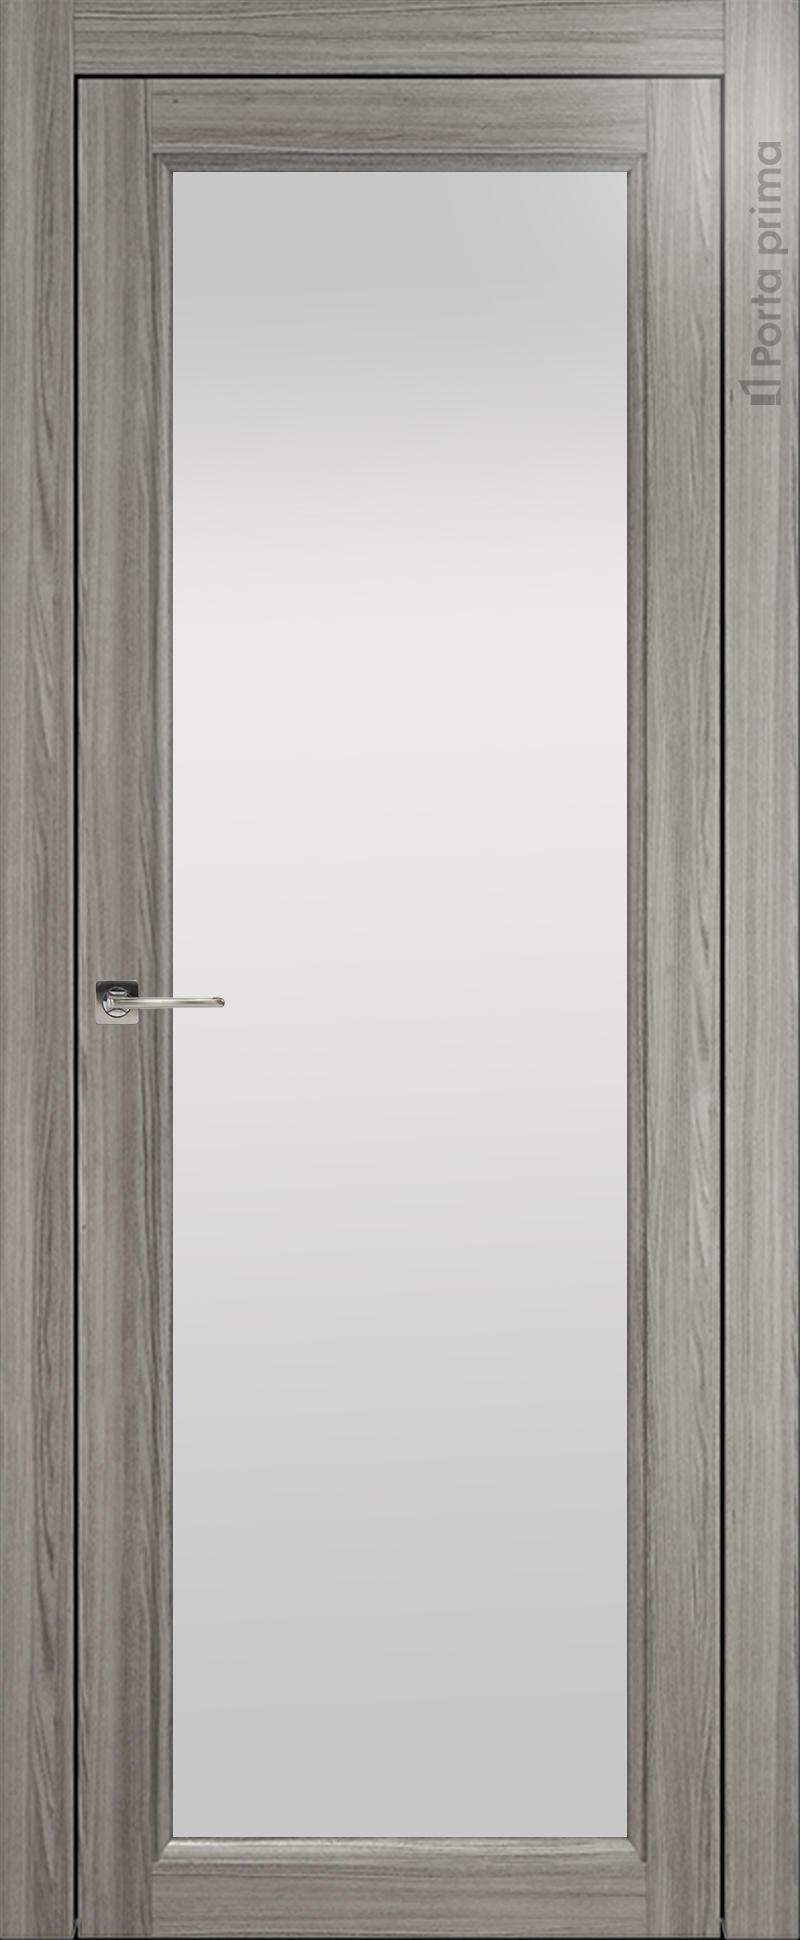 Sorrento-R Б4 цвет - Орех пепельный Со стеклом (ДО)